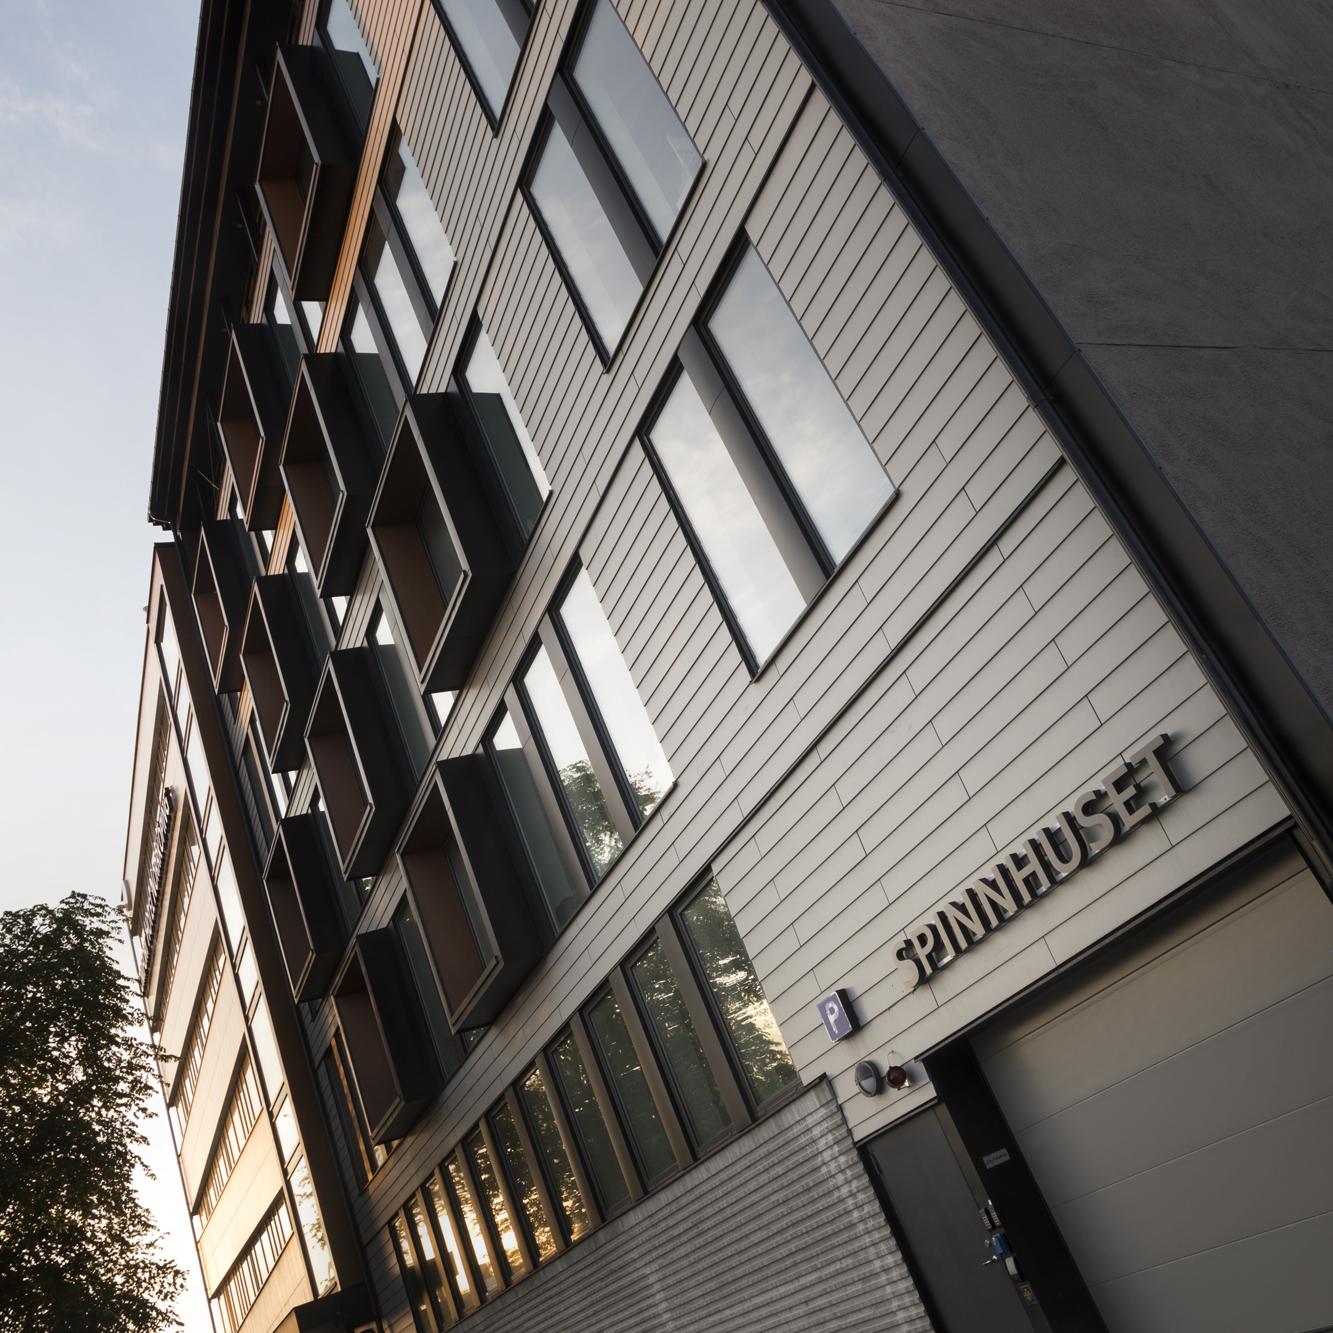 Kv Spinnhuset, Norrköping